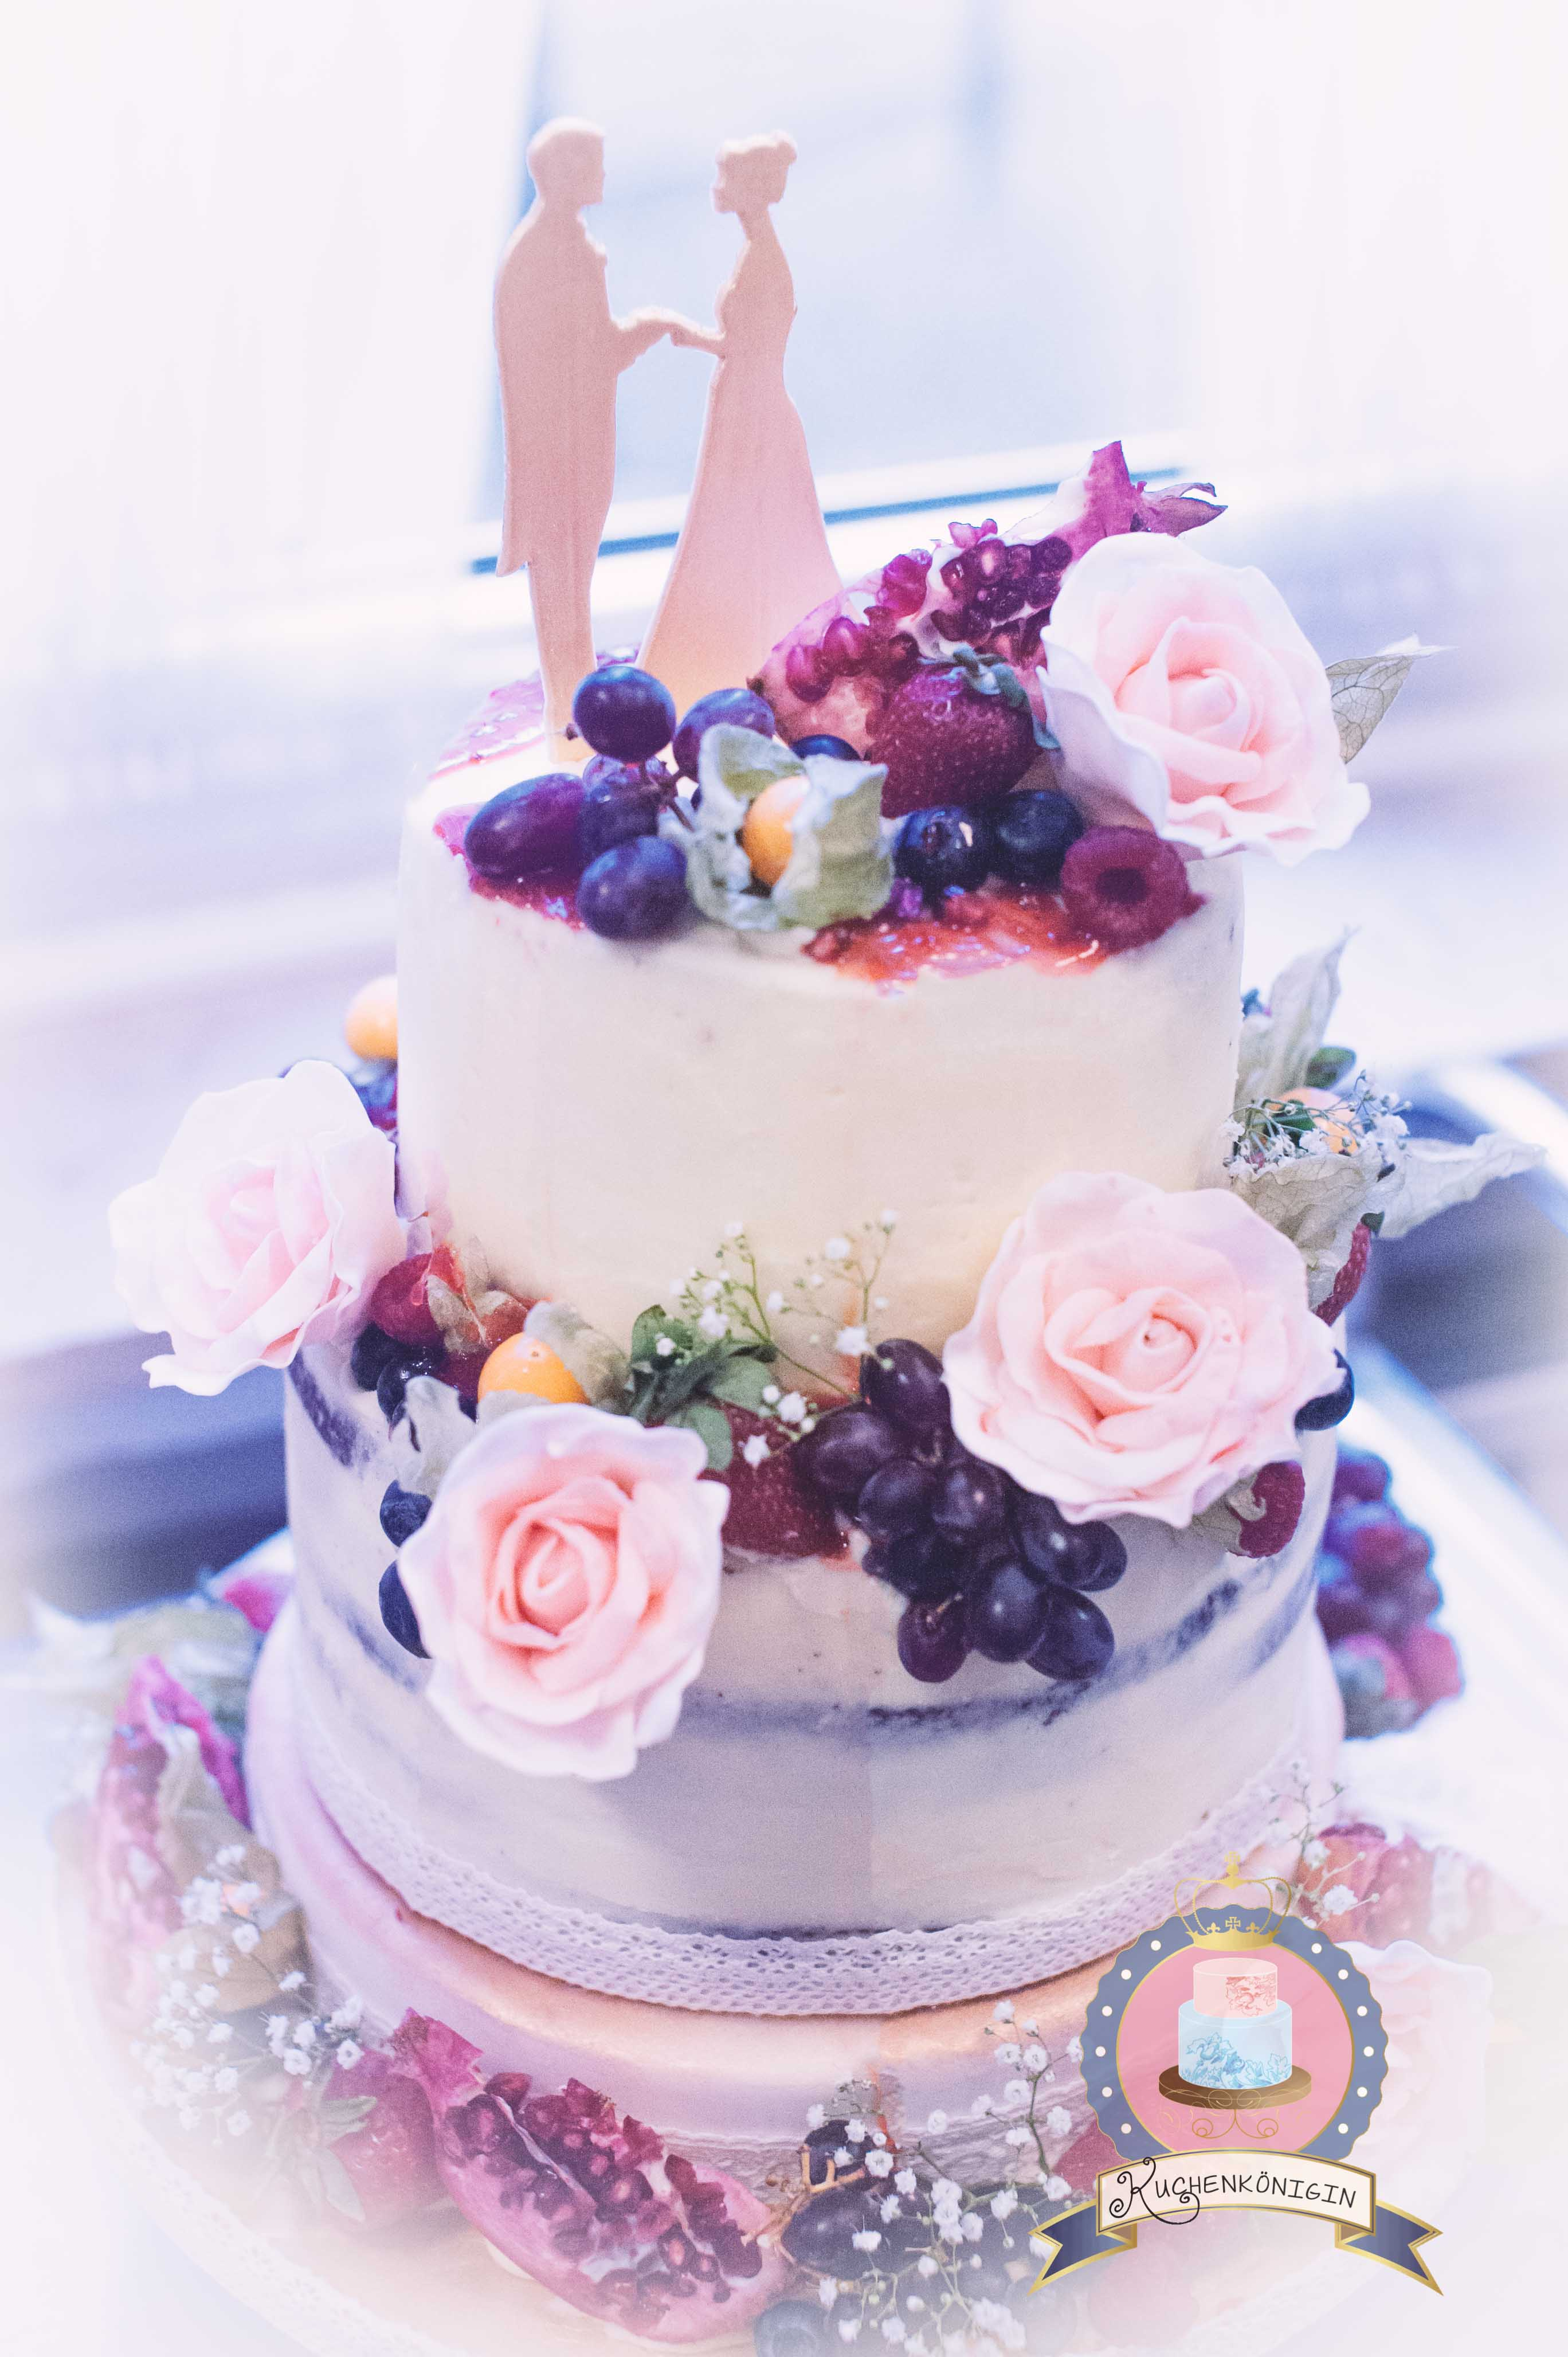 Romantisch Edle Naked Cake Torte Wedding Hochzeit